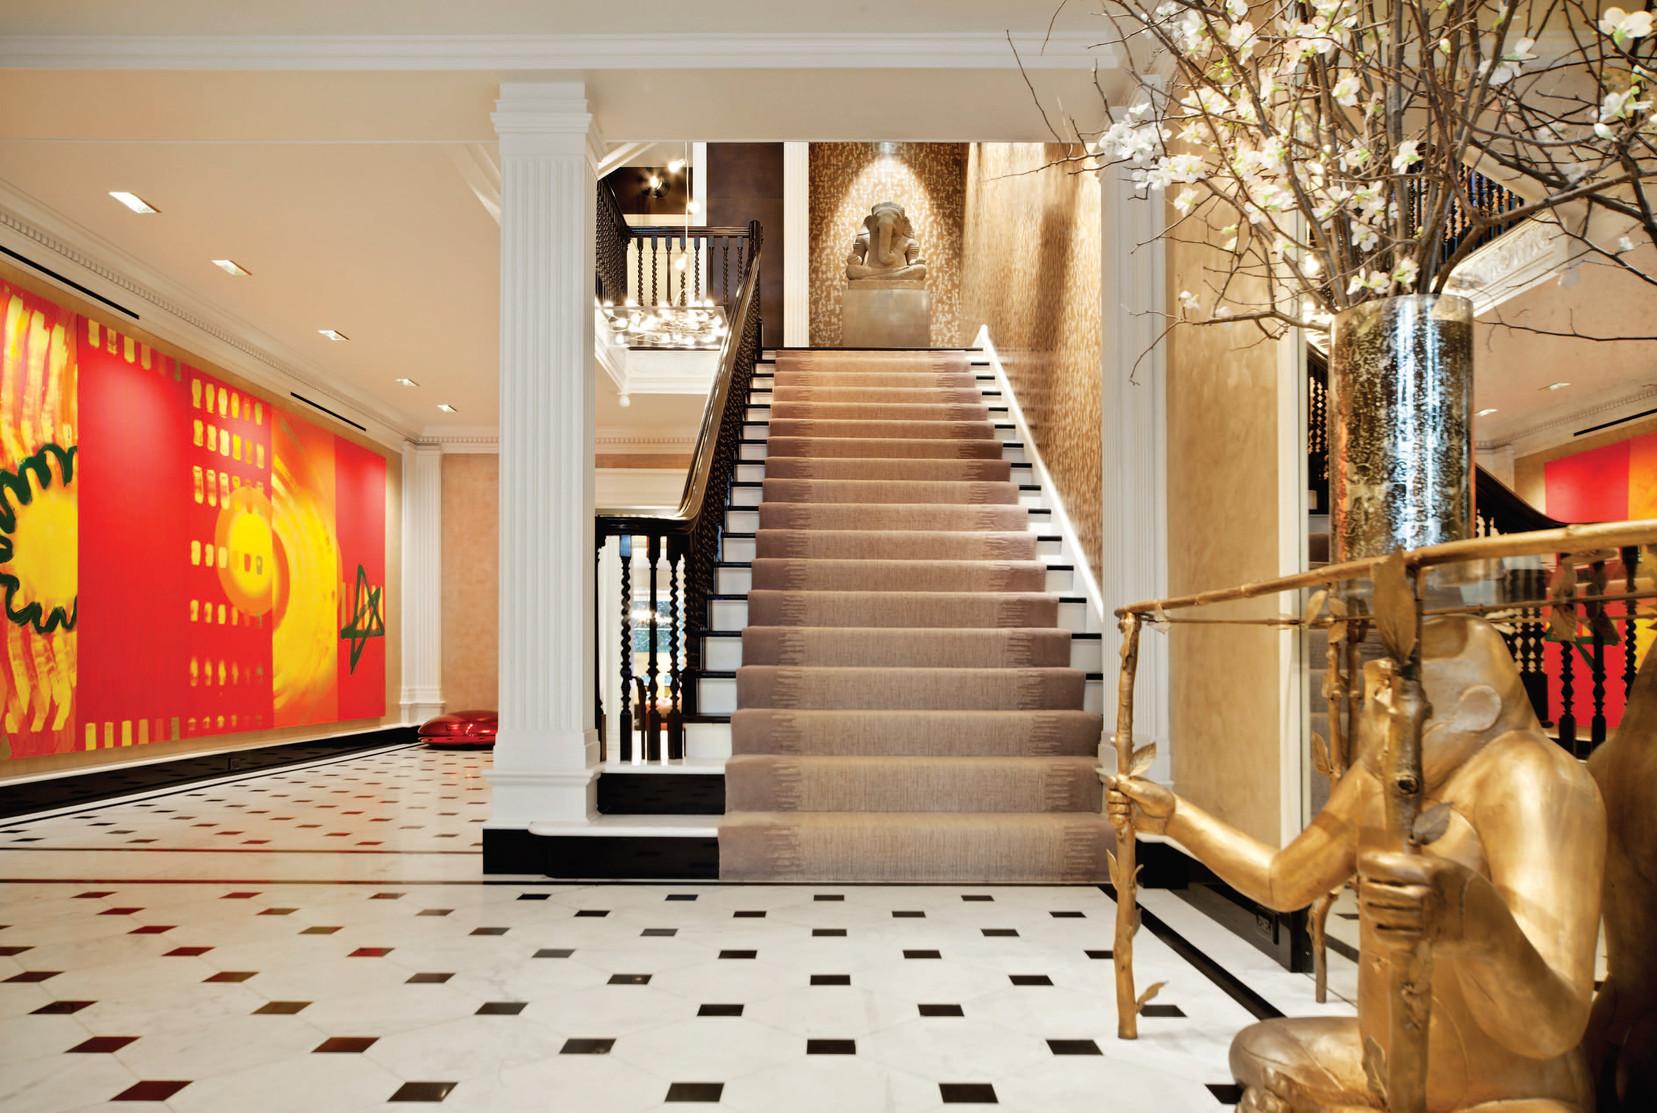 Barnett stair 2.jpg